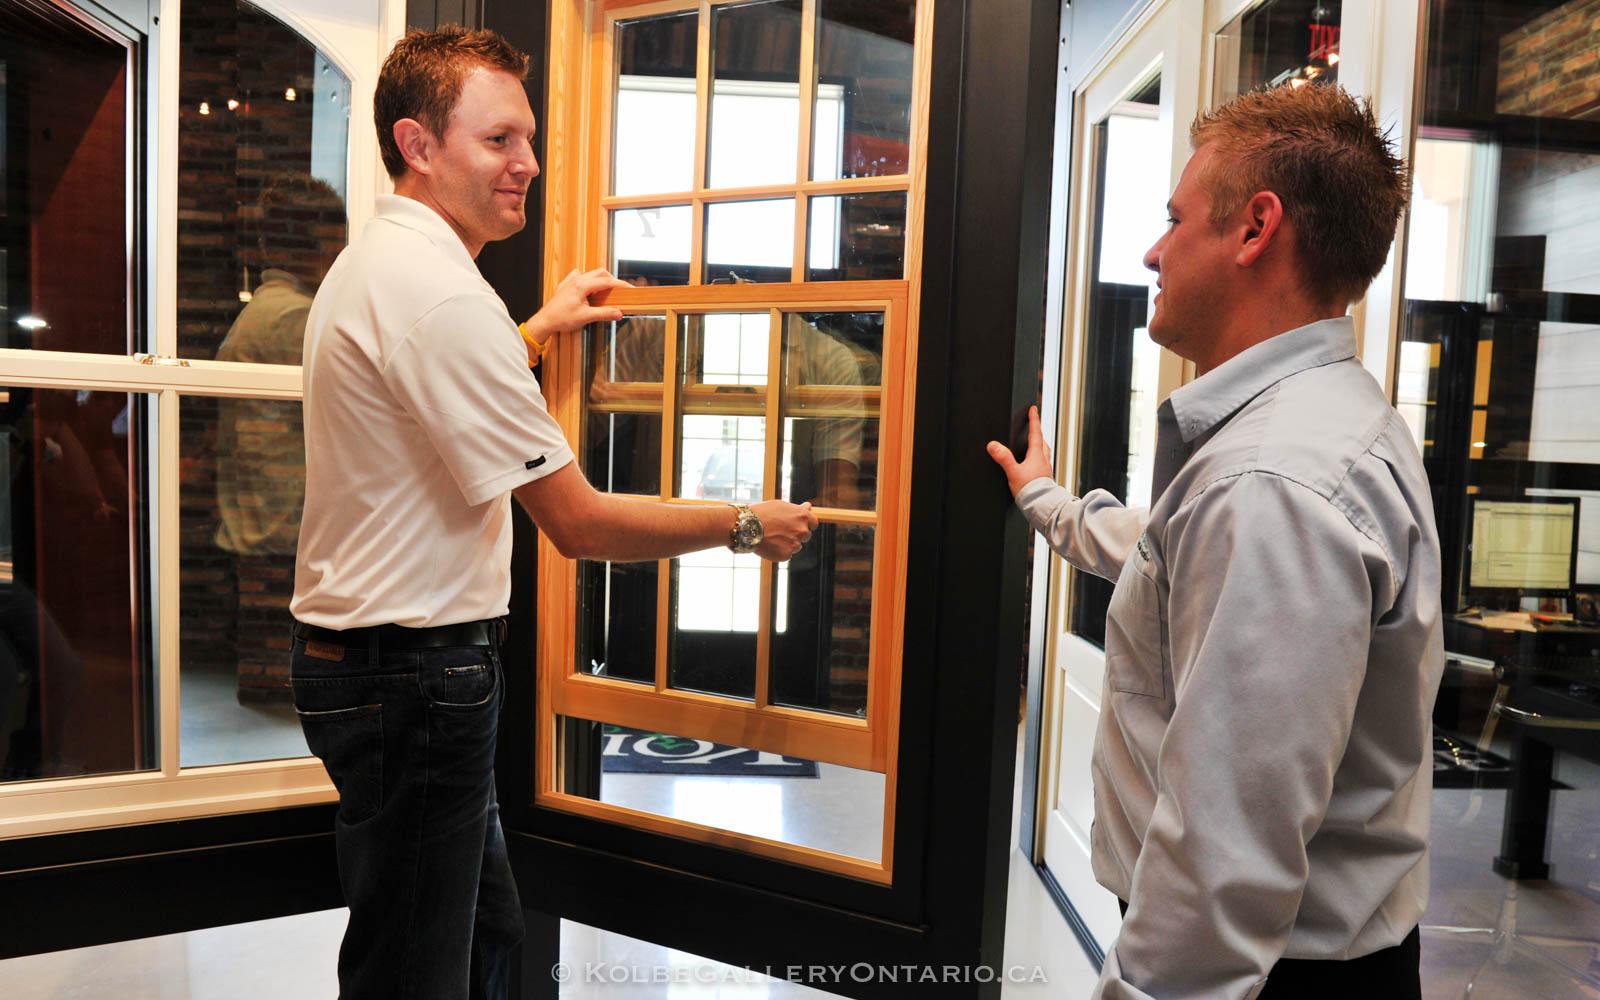 KolbeGalleryOntario.ca-windows-and-doors-Oakville-showroom-20120510-101422